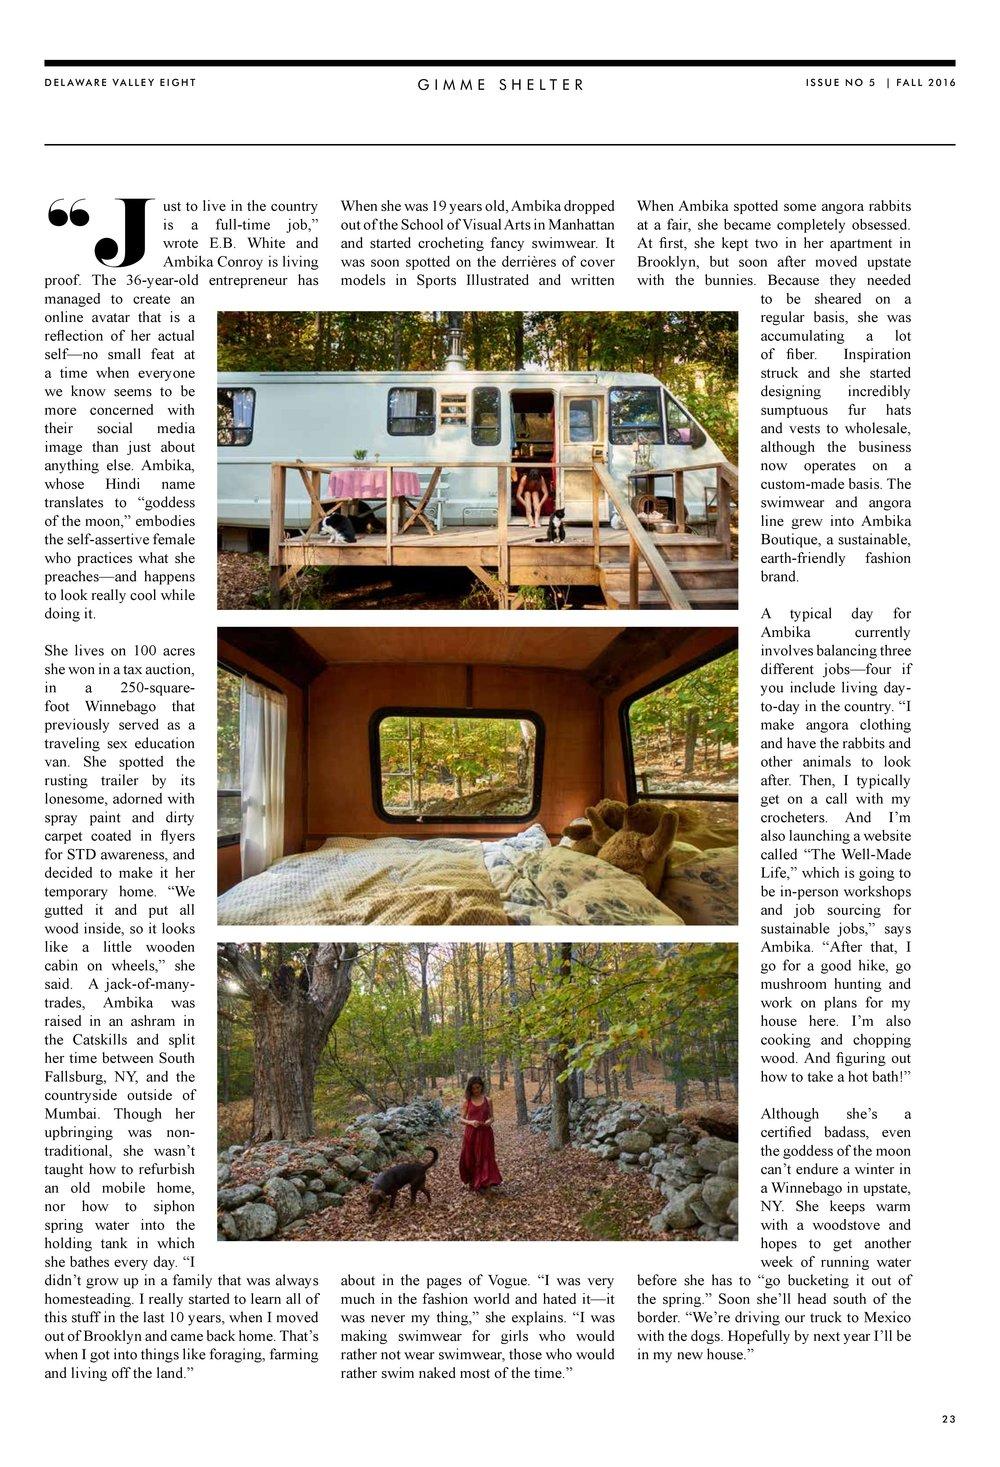 DV8_FA16-page-023.jpg